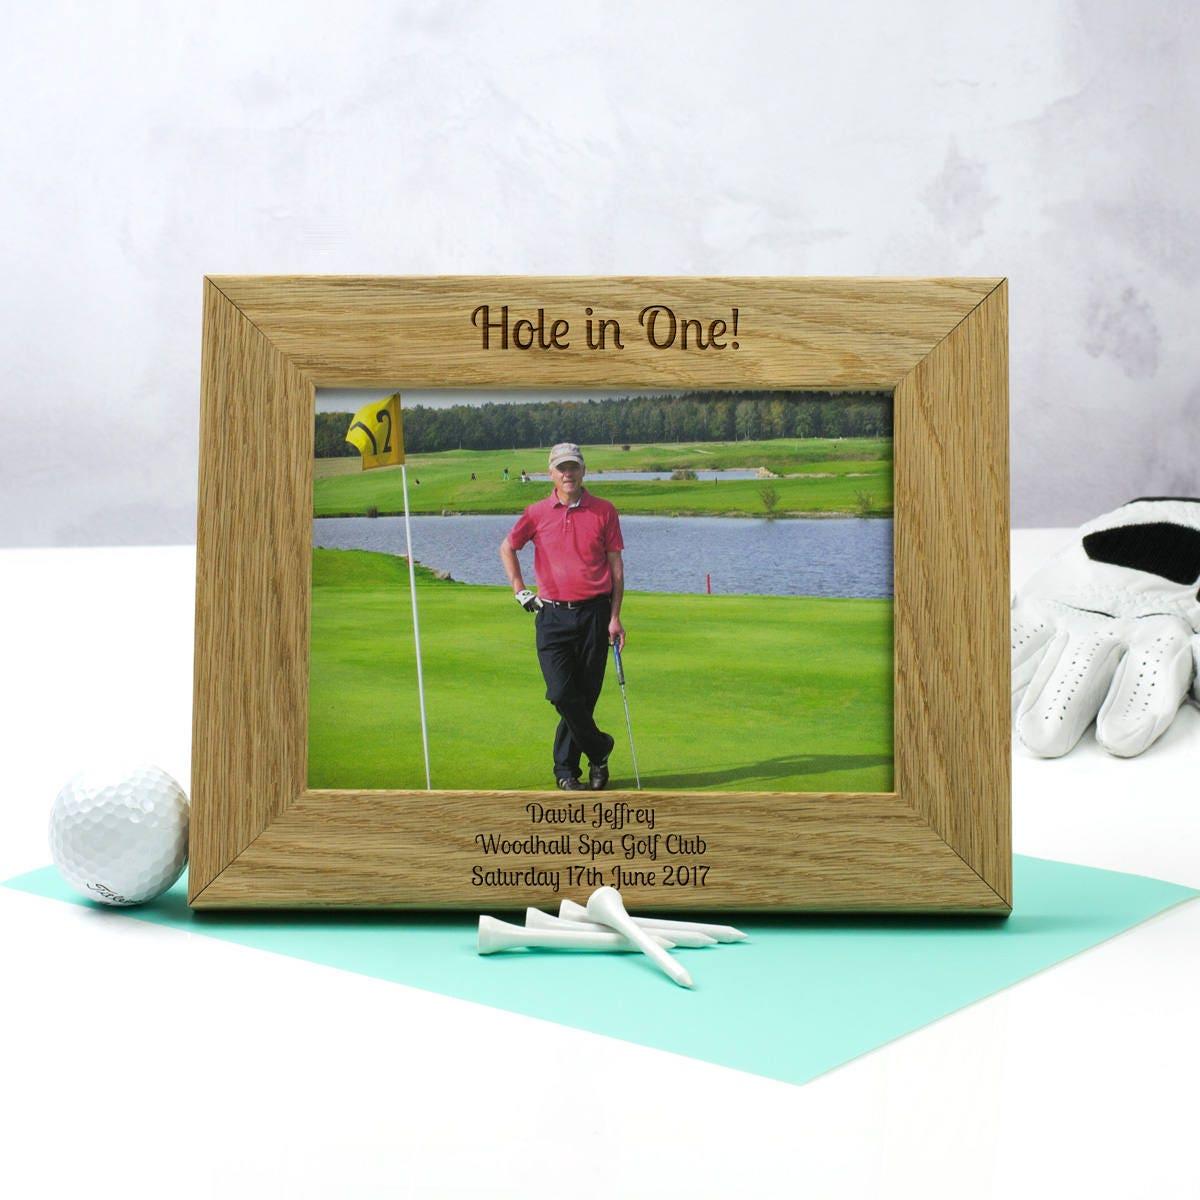 Golf-Foto-Rahmen personalisierte Loch In einem Bilderrahmen | Etsy